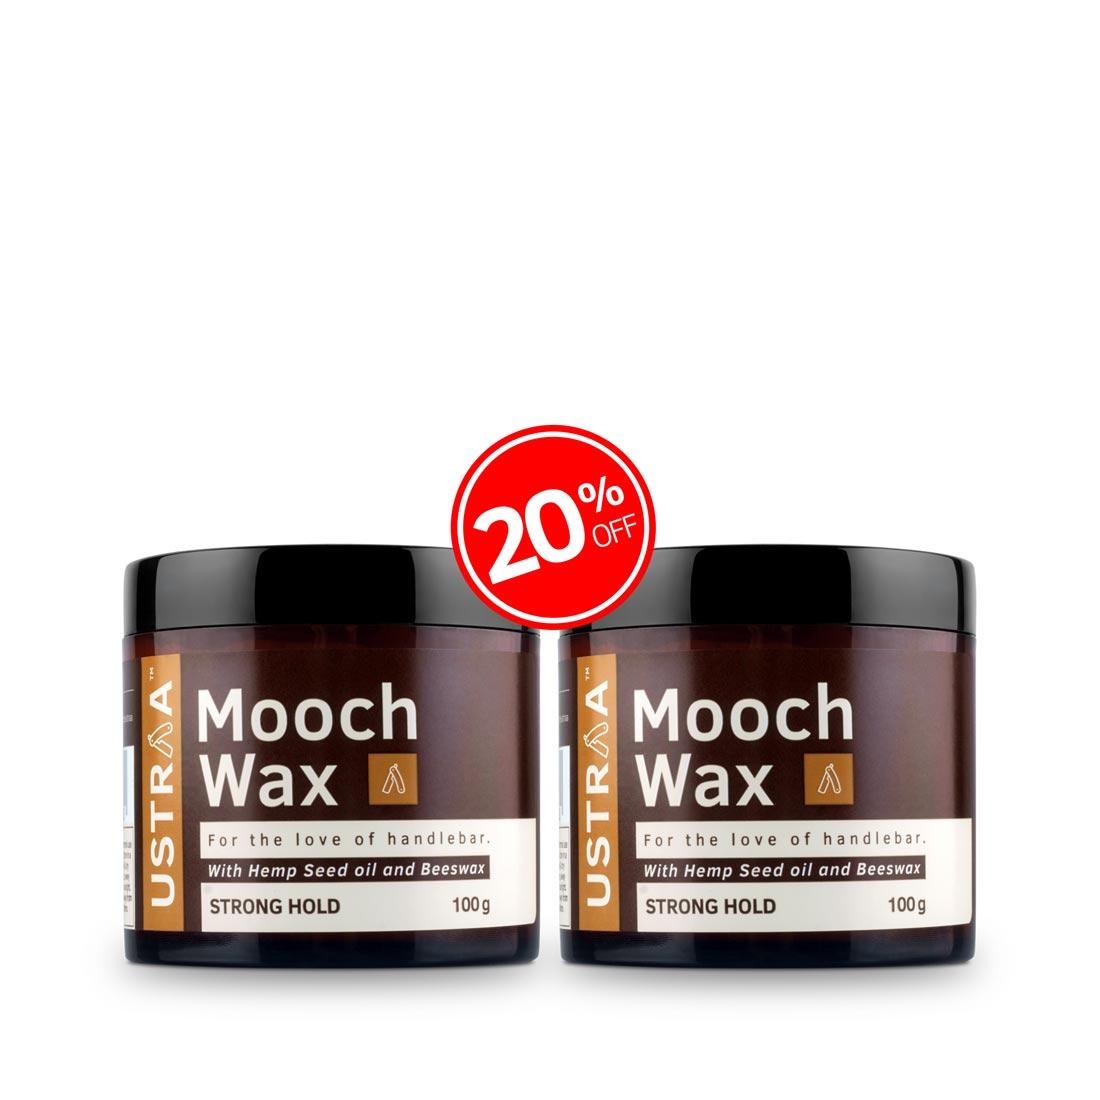 Beard & Mooch Wax Strong Hold - 100g- Set of 2